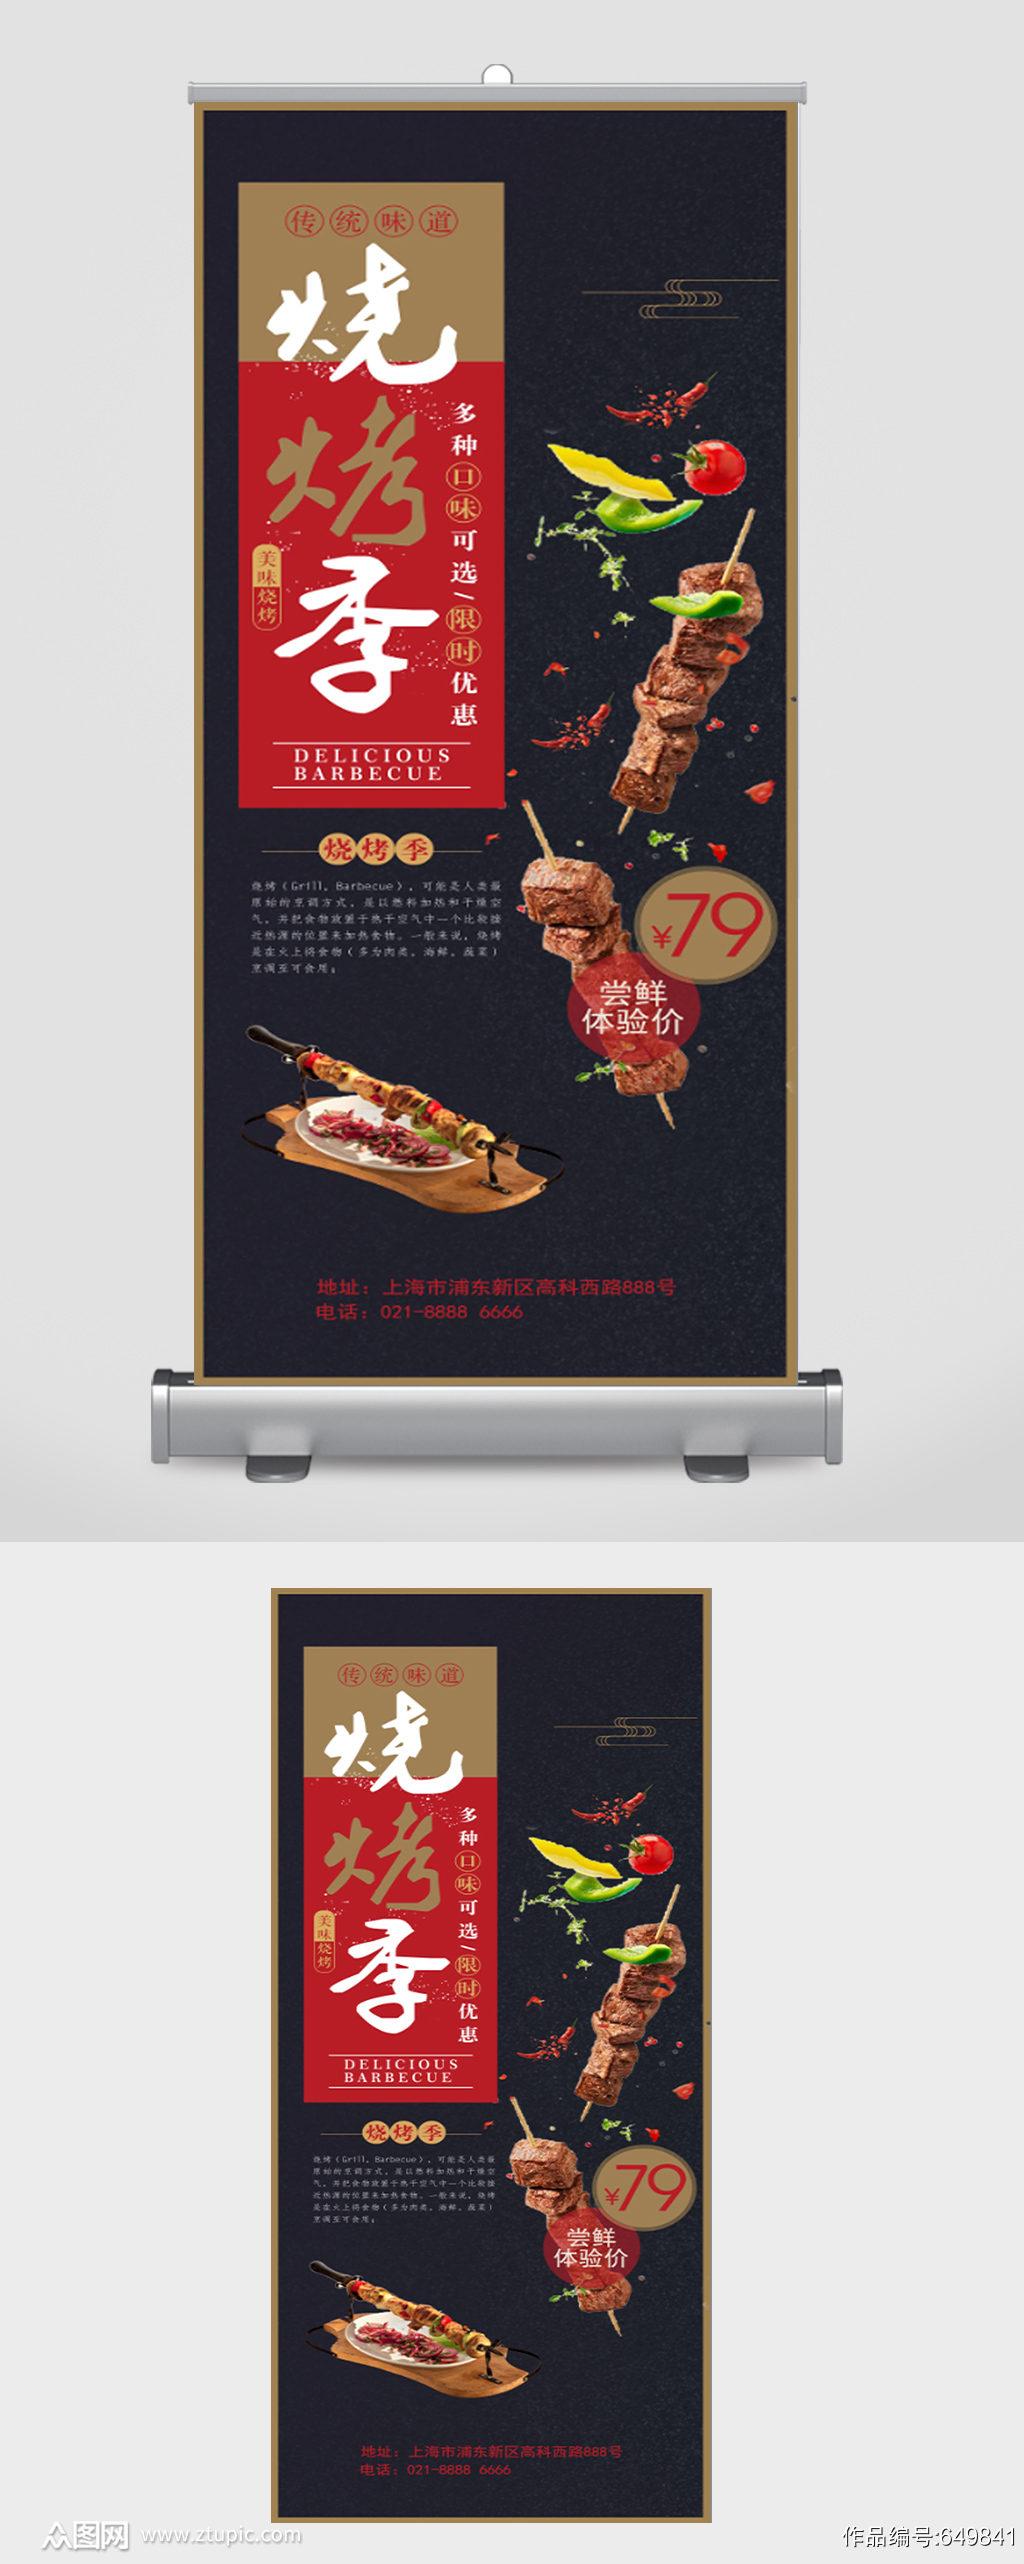 烧烤季美食时尚宣传展架素材